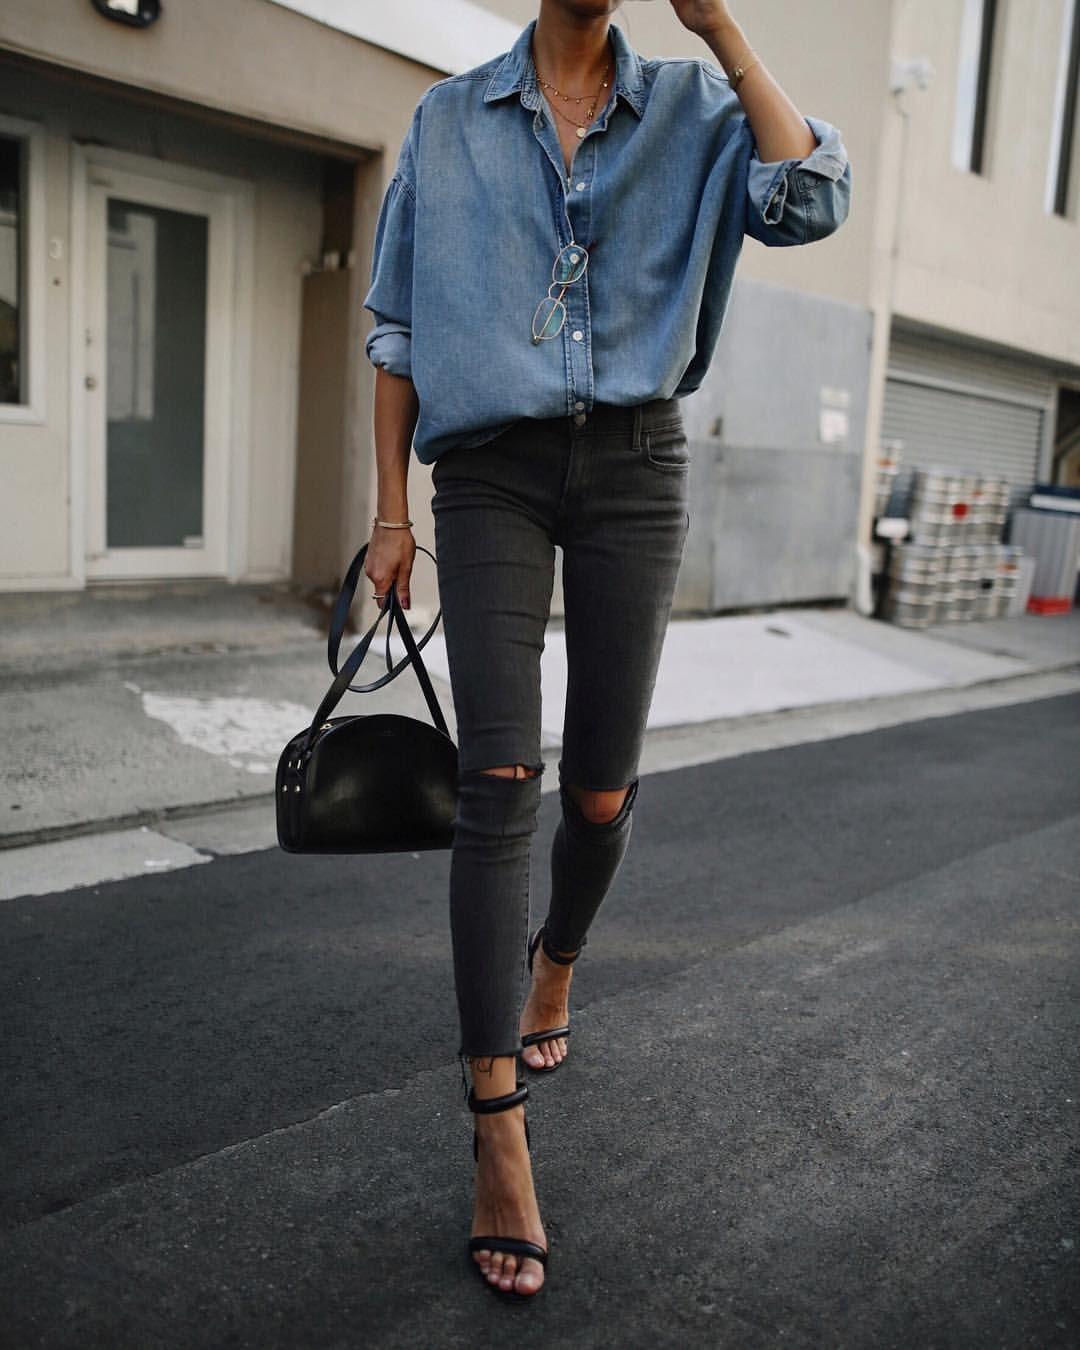 5098641d6253 Pin od používateľa Zuzana Mikušová na nástenke Fashion Mode Outfits ...